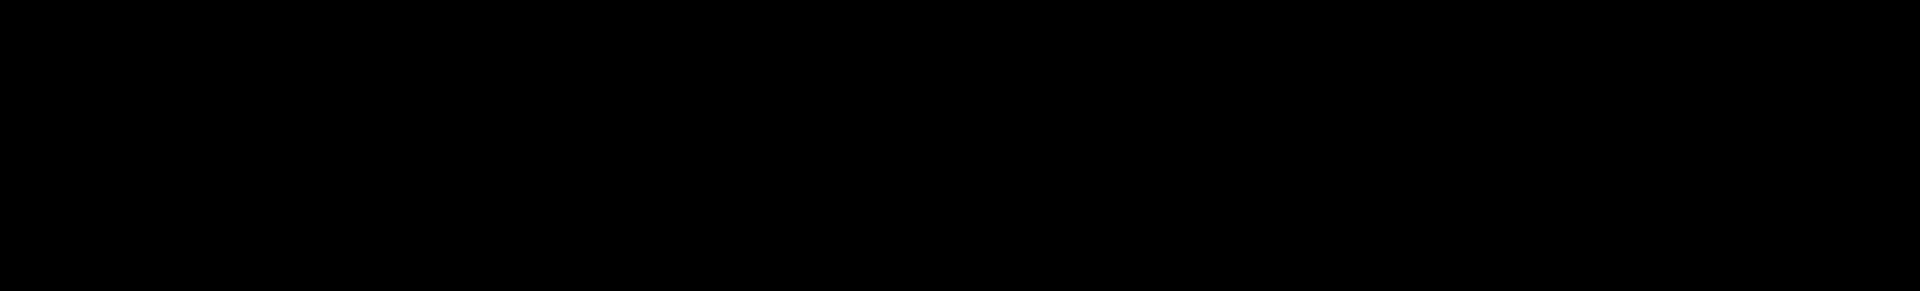 حمض البالمتيك (حامض البالمتيك) palmitic acid – حمض النخيل